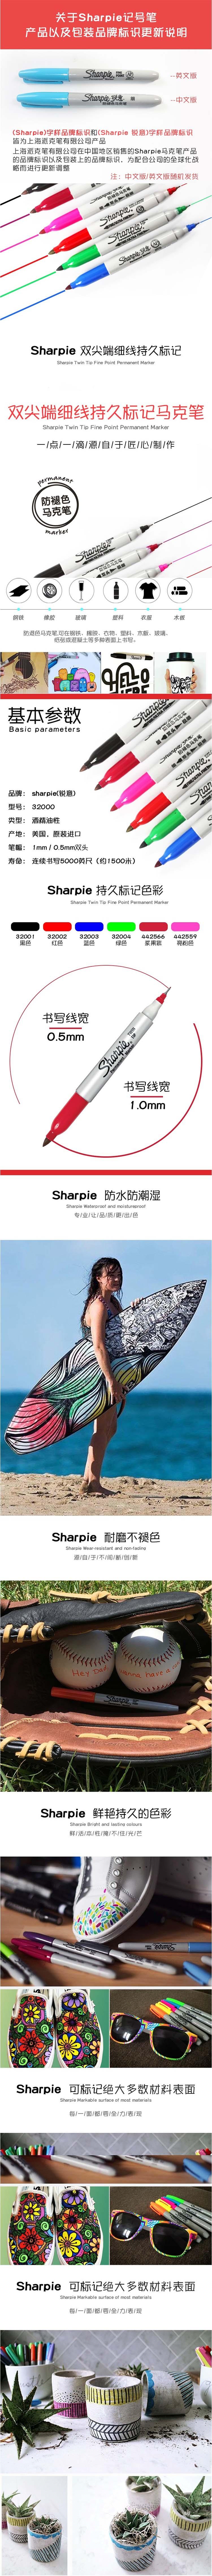 三福双头无尘记号笔sharpie32004(绿色)